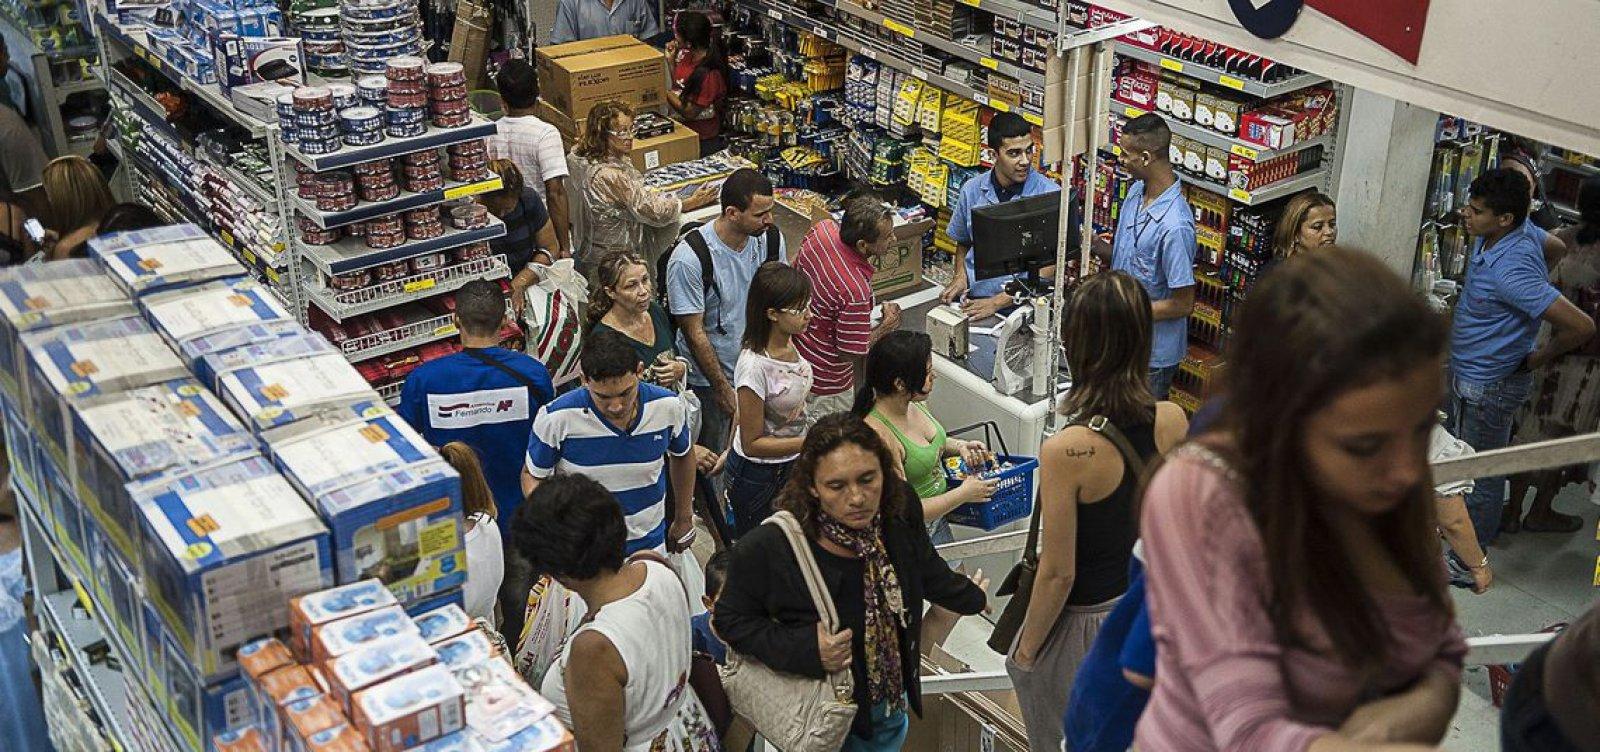 Liminar da Justiça decreta feriado no Dia dos Comerciários em Salvador